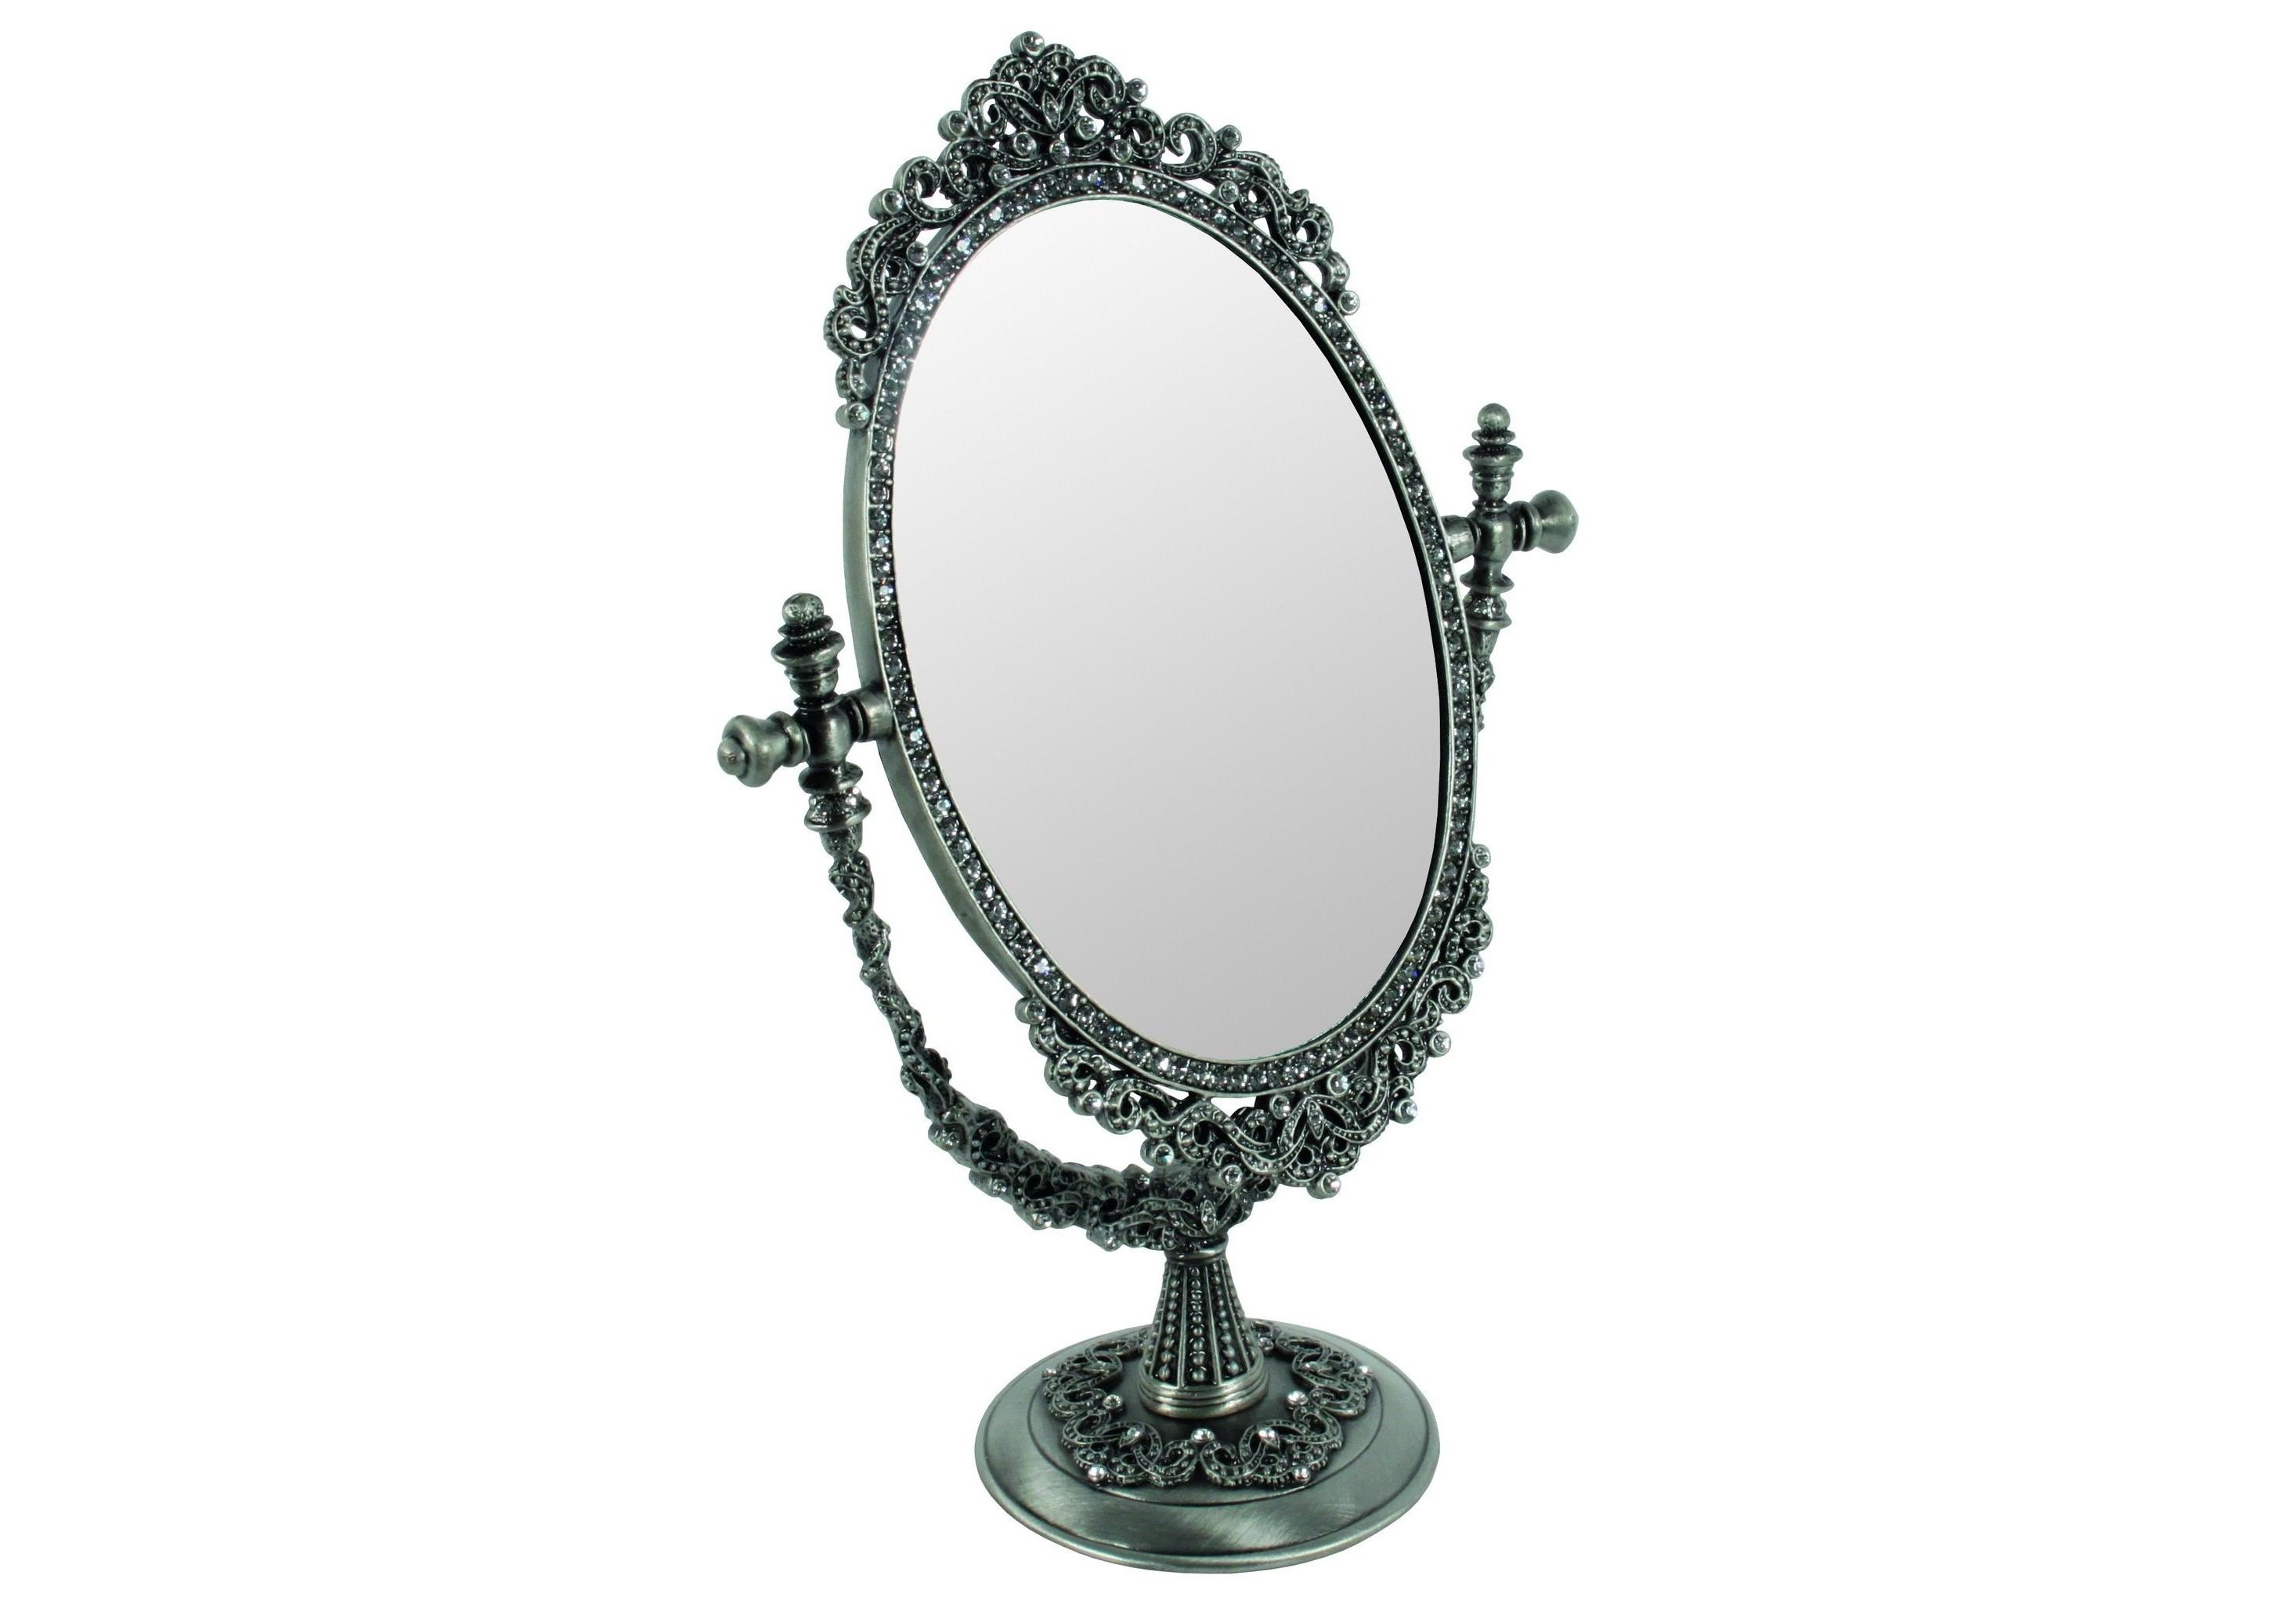 Зеркало настольное S?daНастольные зеркала<br><br><br>Material: Металл<br>Ширина см: 20.0<br>Высота см: 31.0<br>Глубина см: 9.0